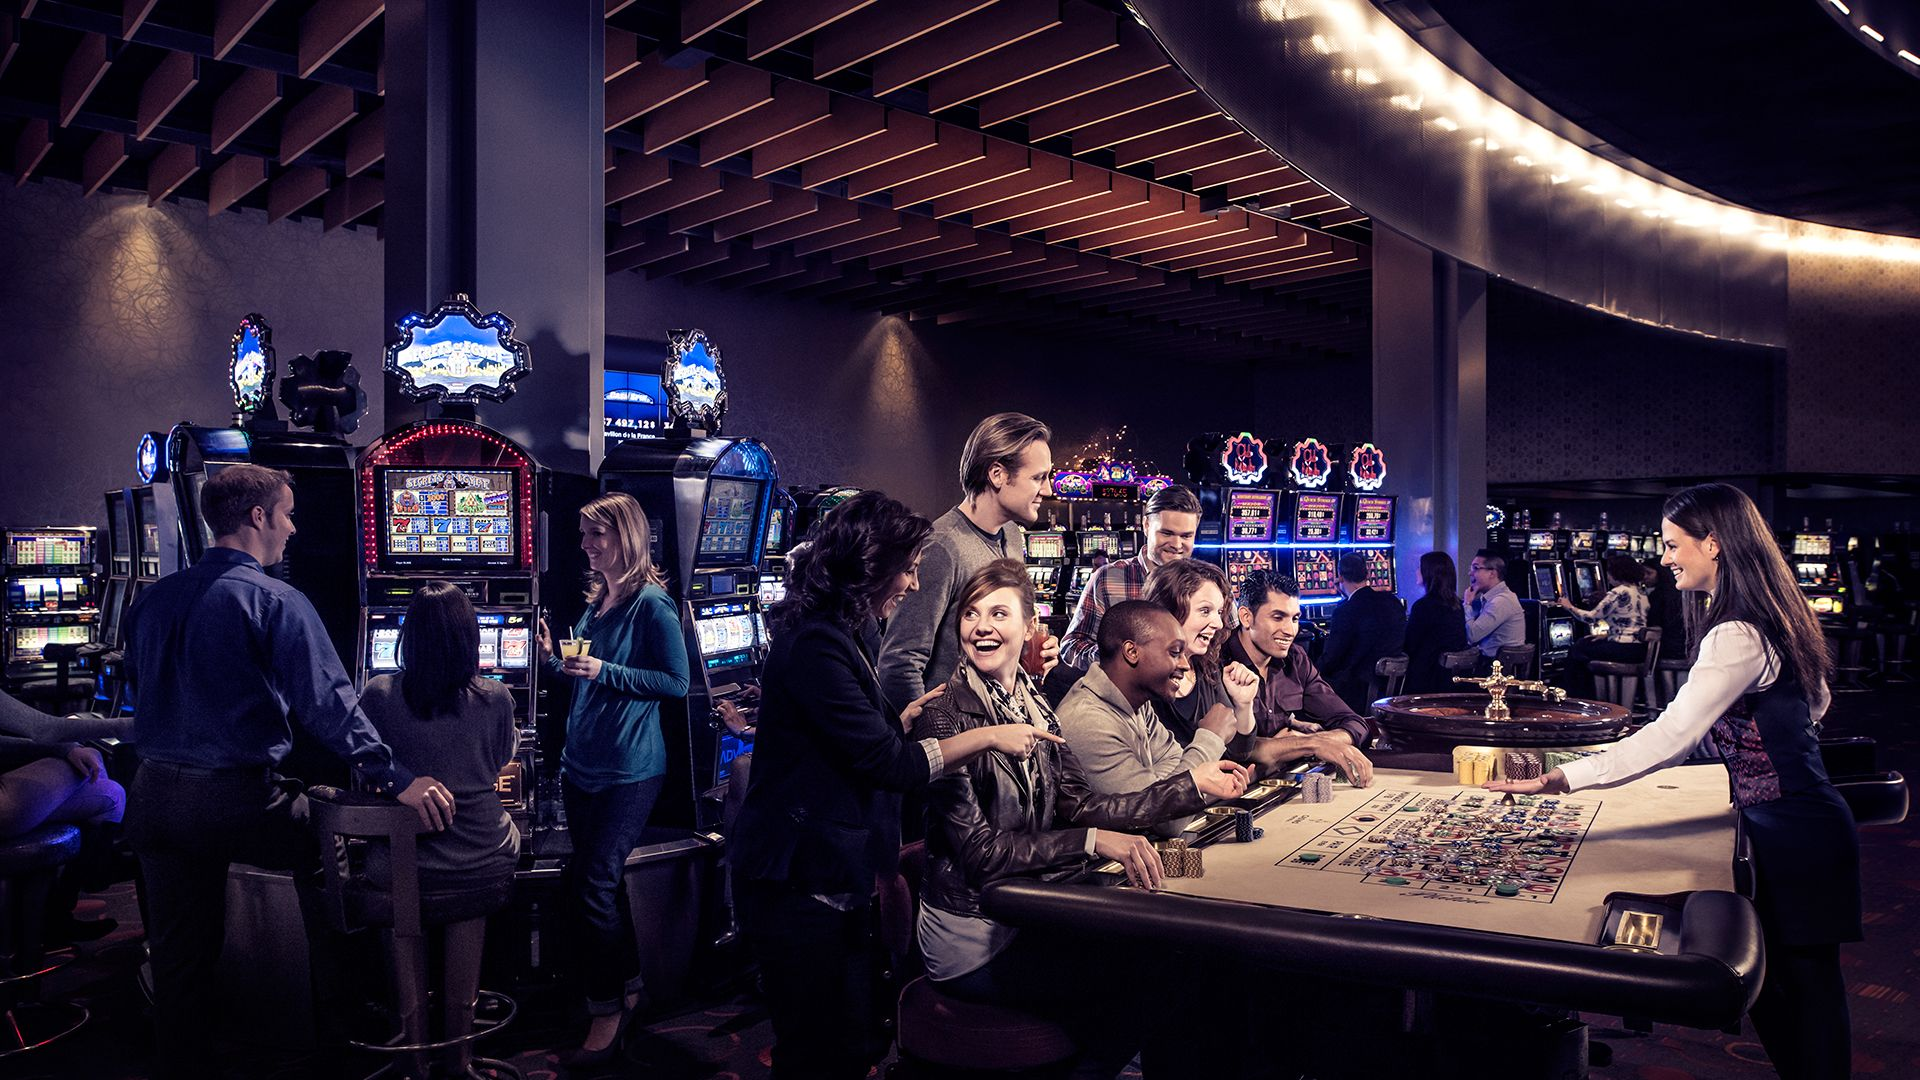 Casino de Montréal et Fairmont le Reine Elizabeth